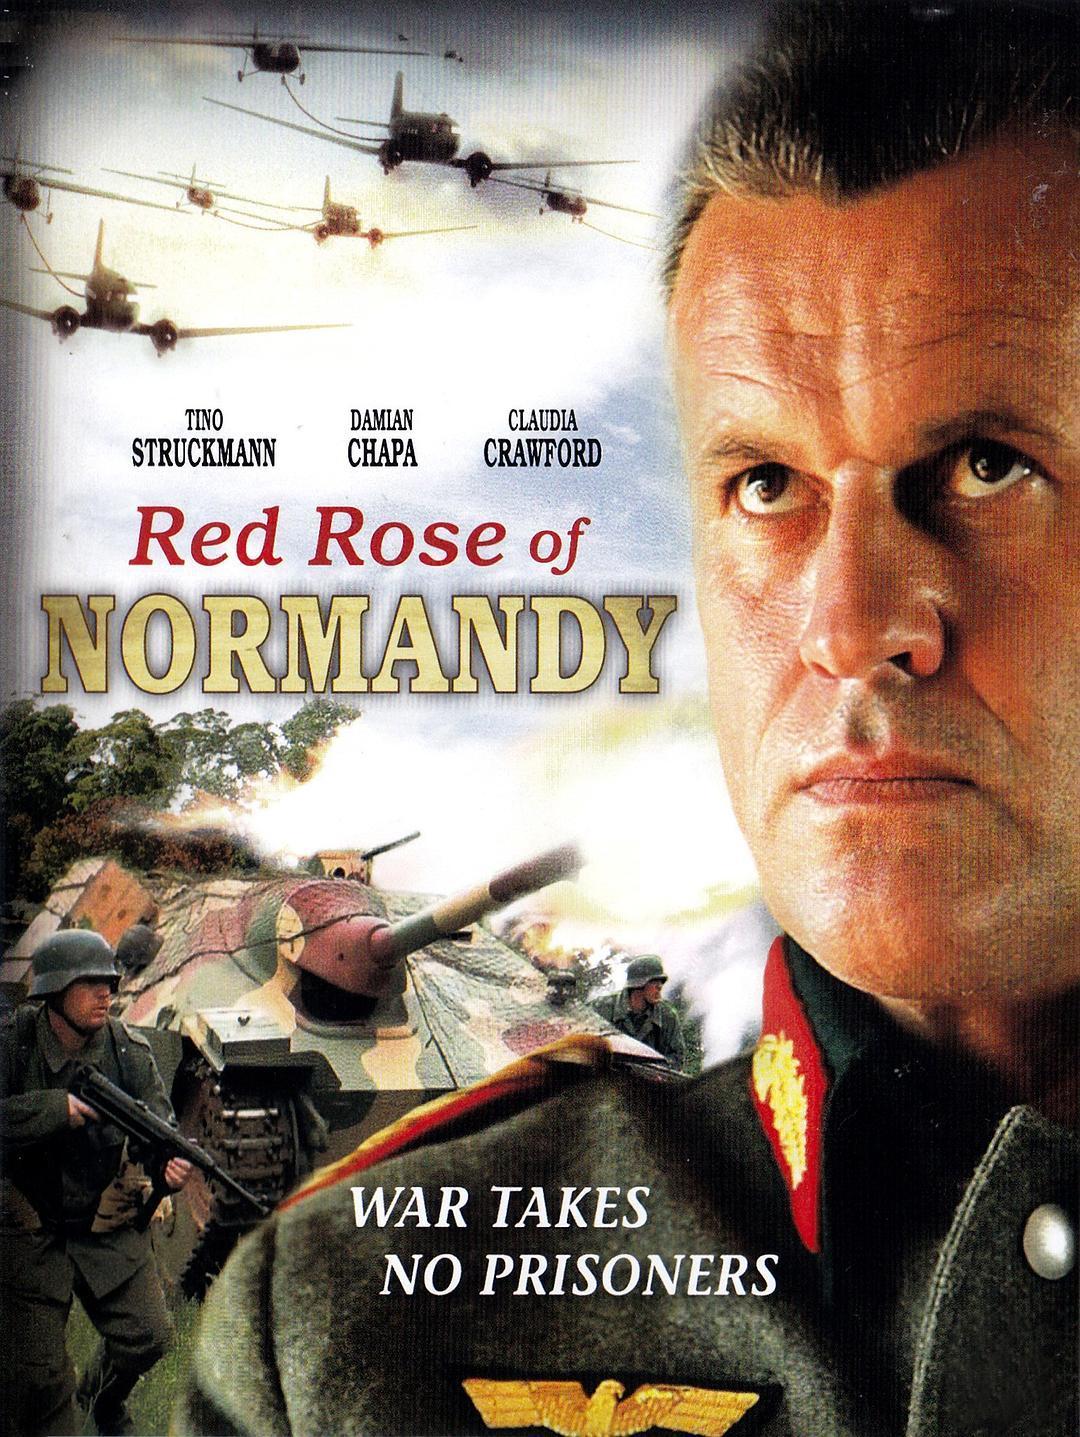 诺曼底红玫瑰